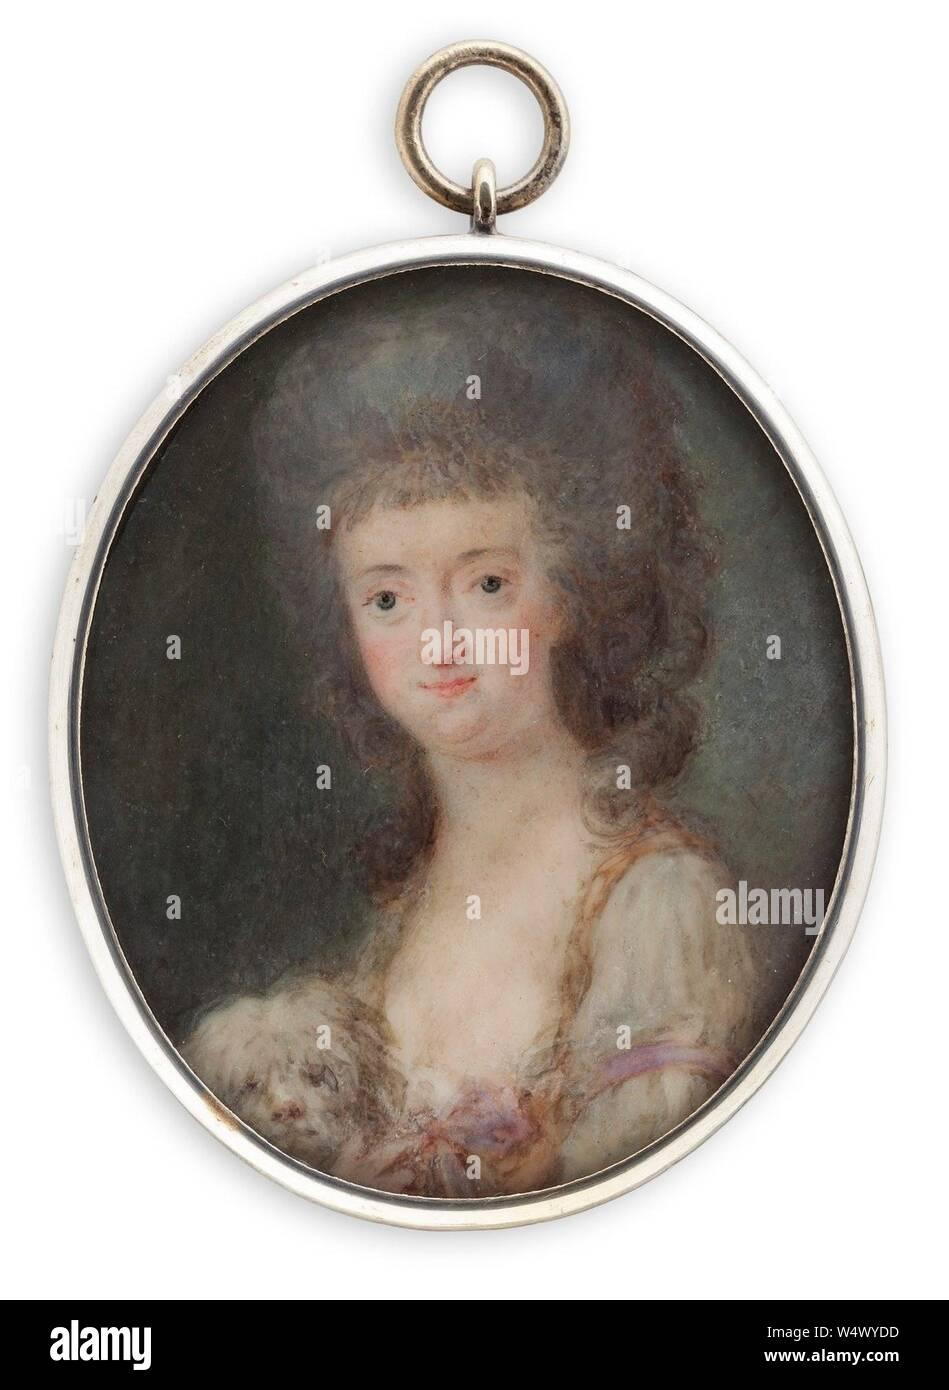 Cornelius Höyer - Princess Sofia Albertina Stock Photo